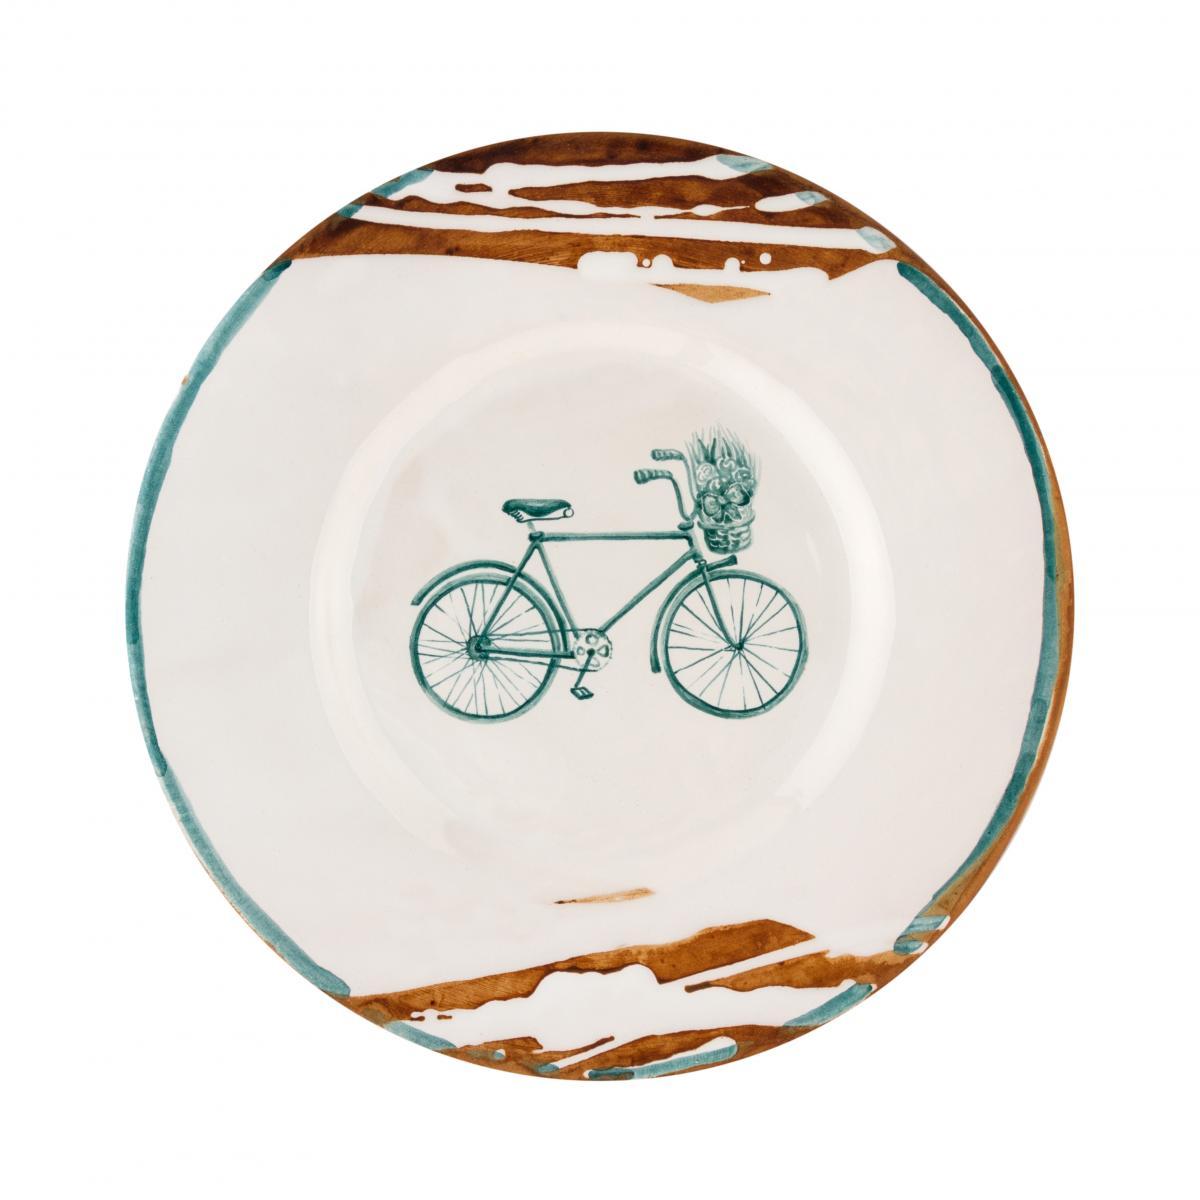 Тарелка с велосипедом. Фото №1. | Народный дом Украина